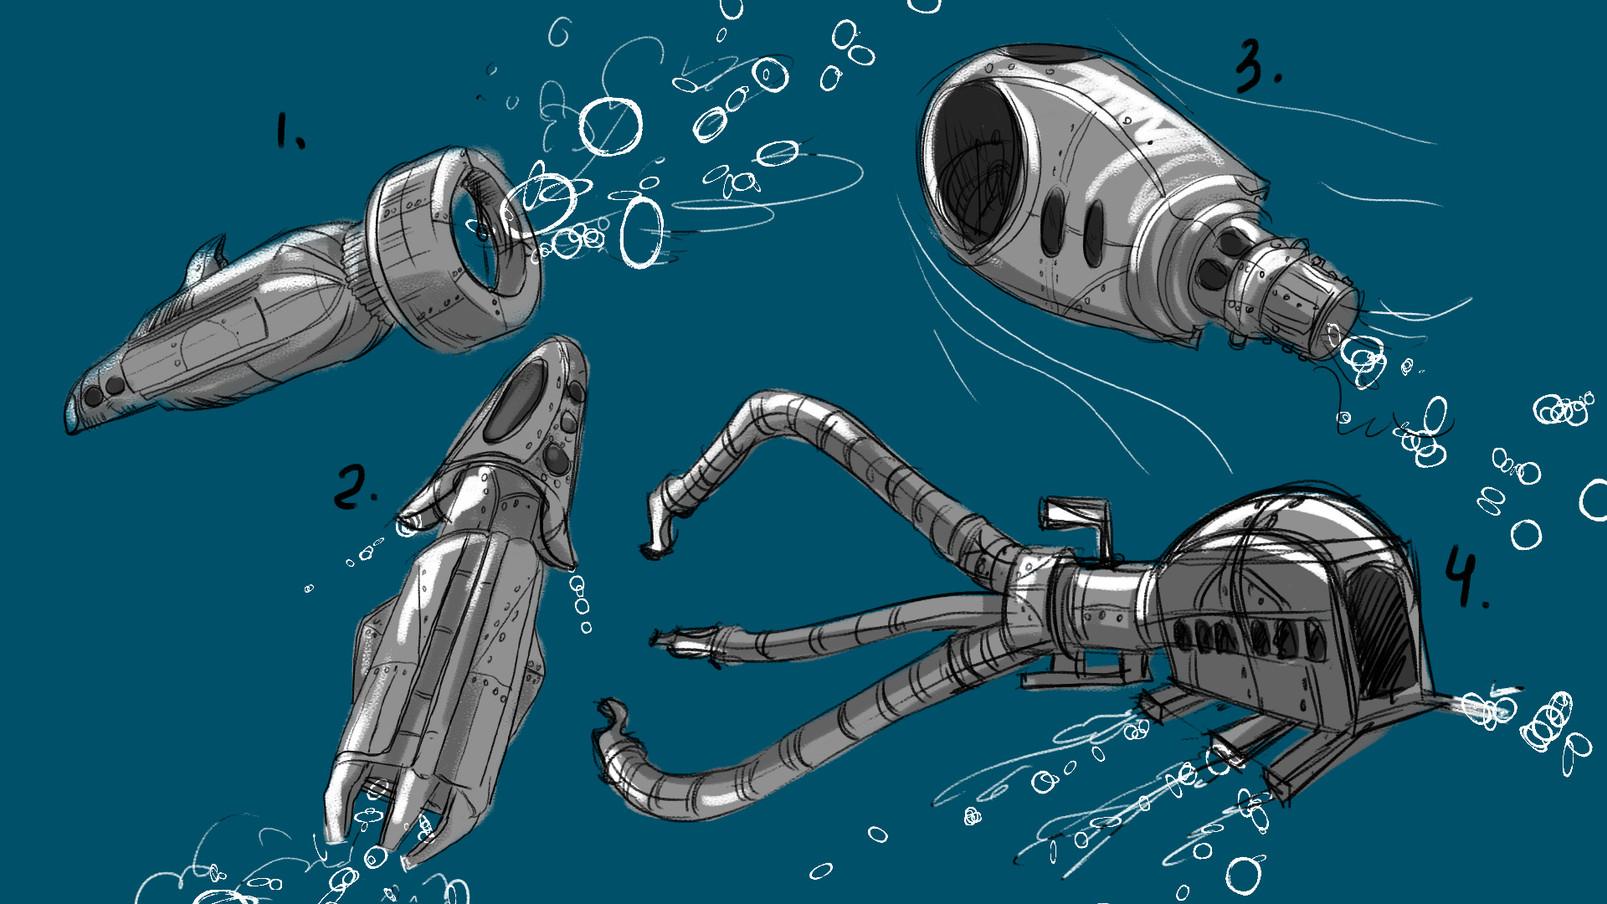 Underwater Vehicle Design